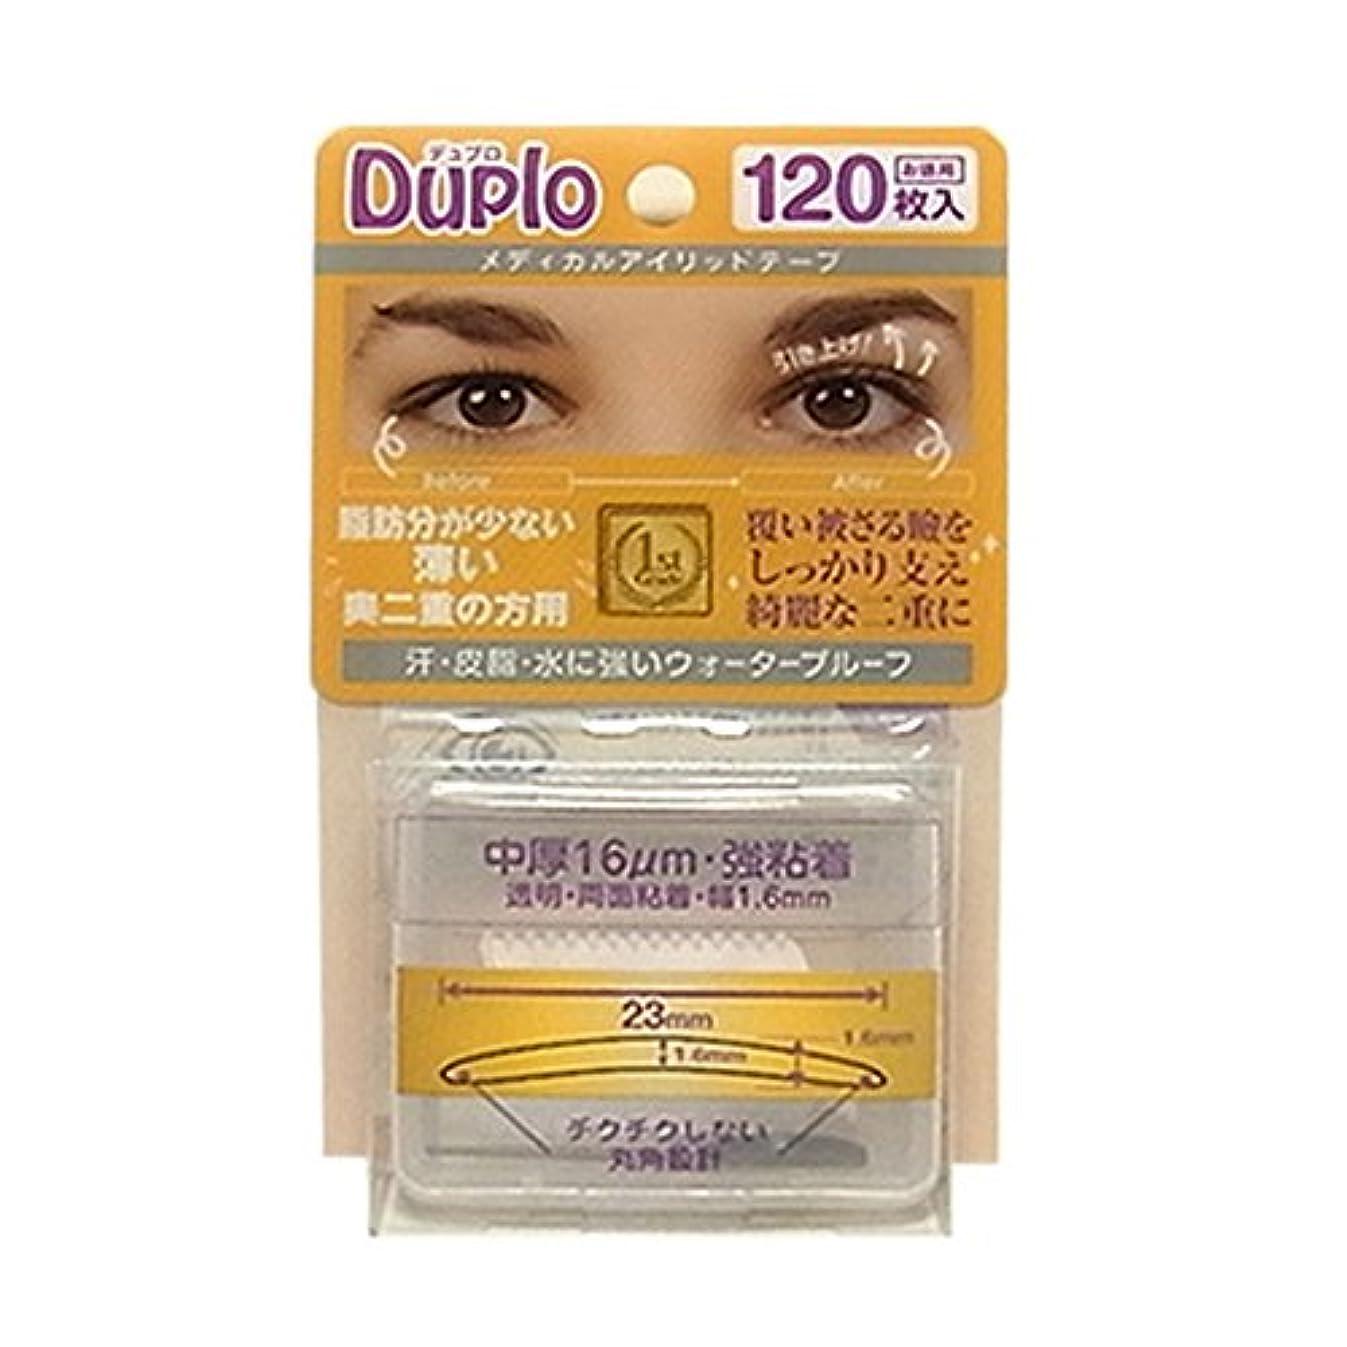 Duplo デュプロ メディカルアイリッドテープ 中厚 16μm 強粘着 (眼瞼下垂防止用テープ)透明?両面 120枚入